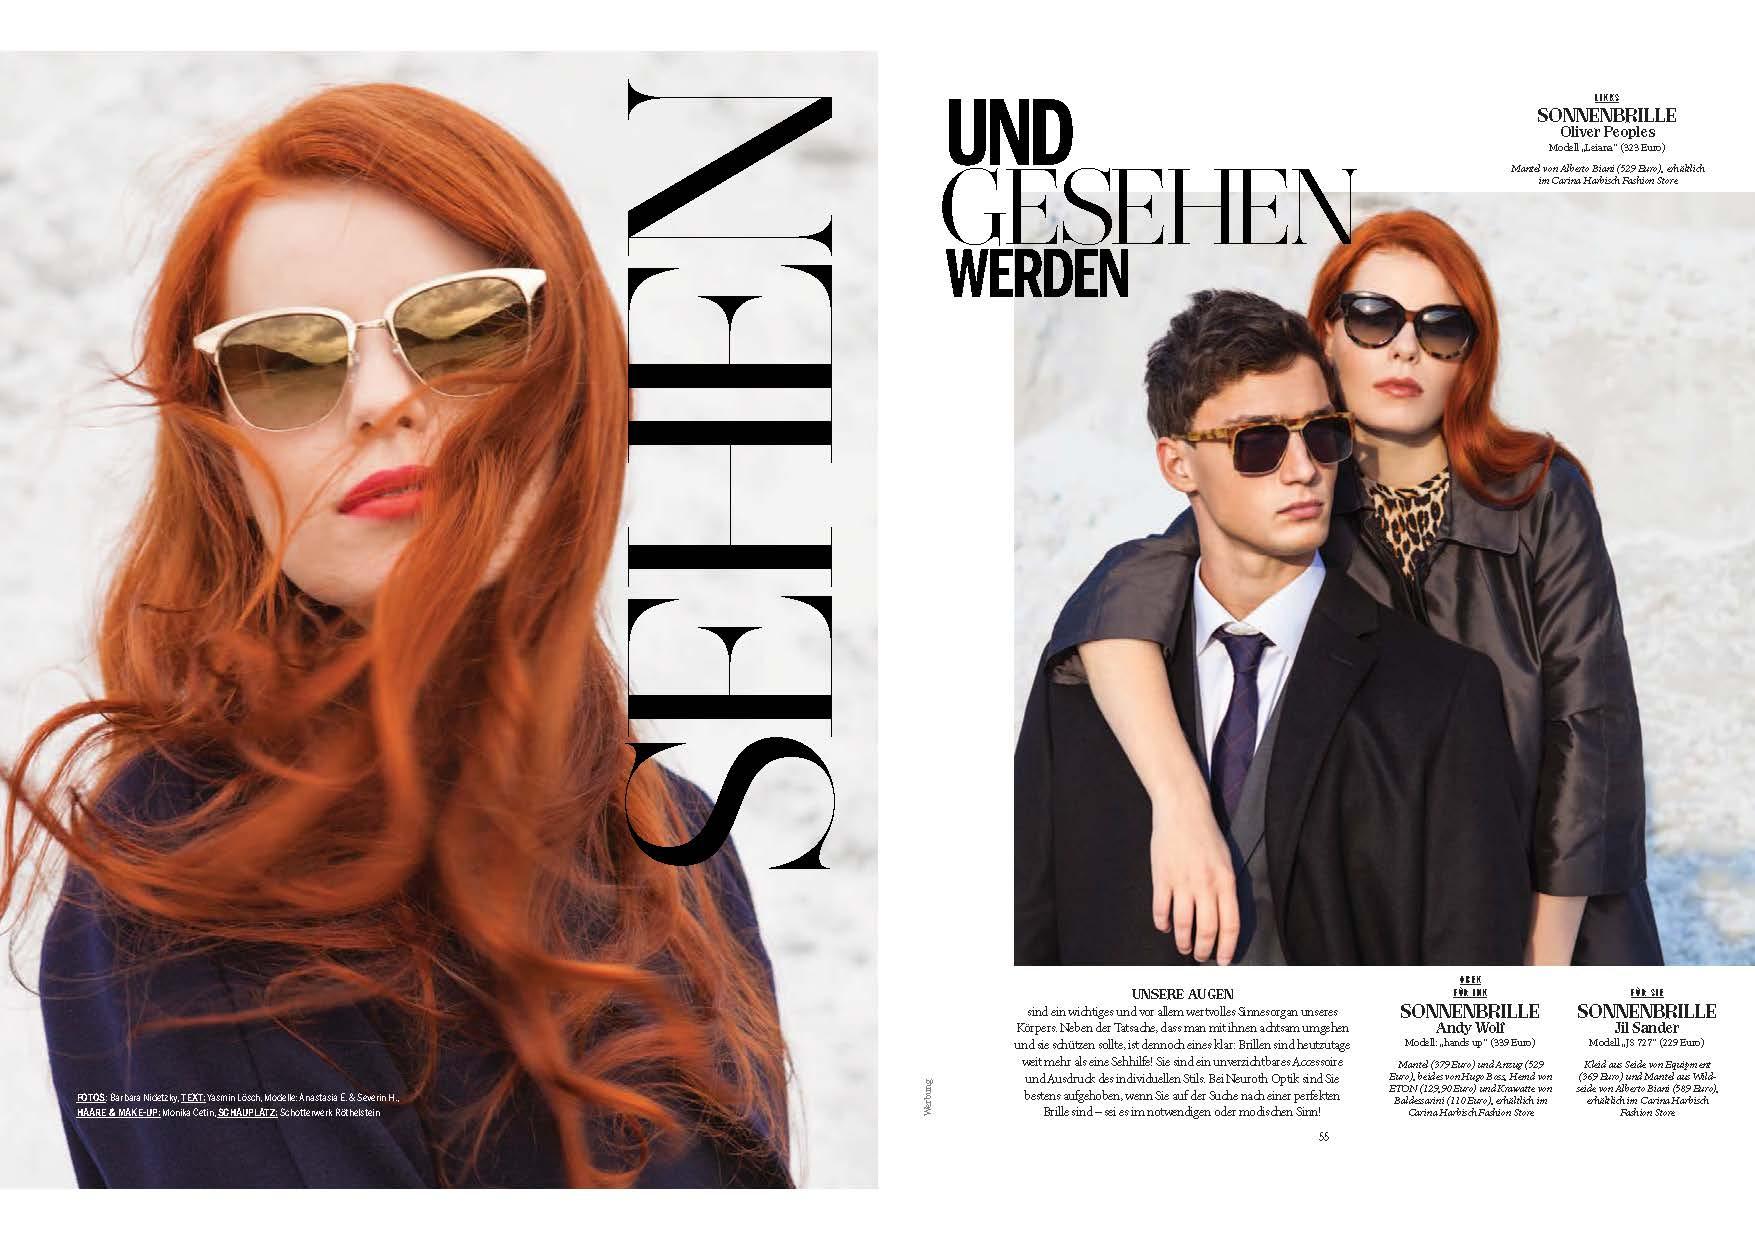 Model mit roten lockigen Haaren posiert mit einer SonnenBrille von Oliver Peoples, das gleiche Model ist nochmal abegebildet mit einem Männlichen Model, Severin Haidacher beid etragen Sonnenbrillen und coole Mode, Location: weißer Sandberg in einer Kiesfabrik